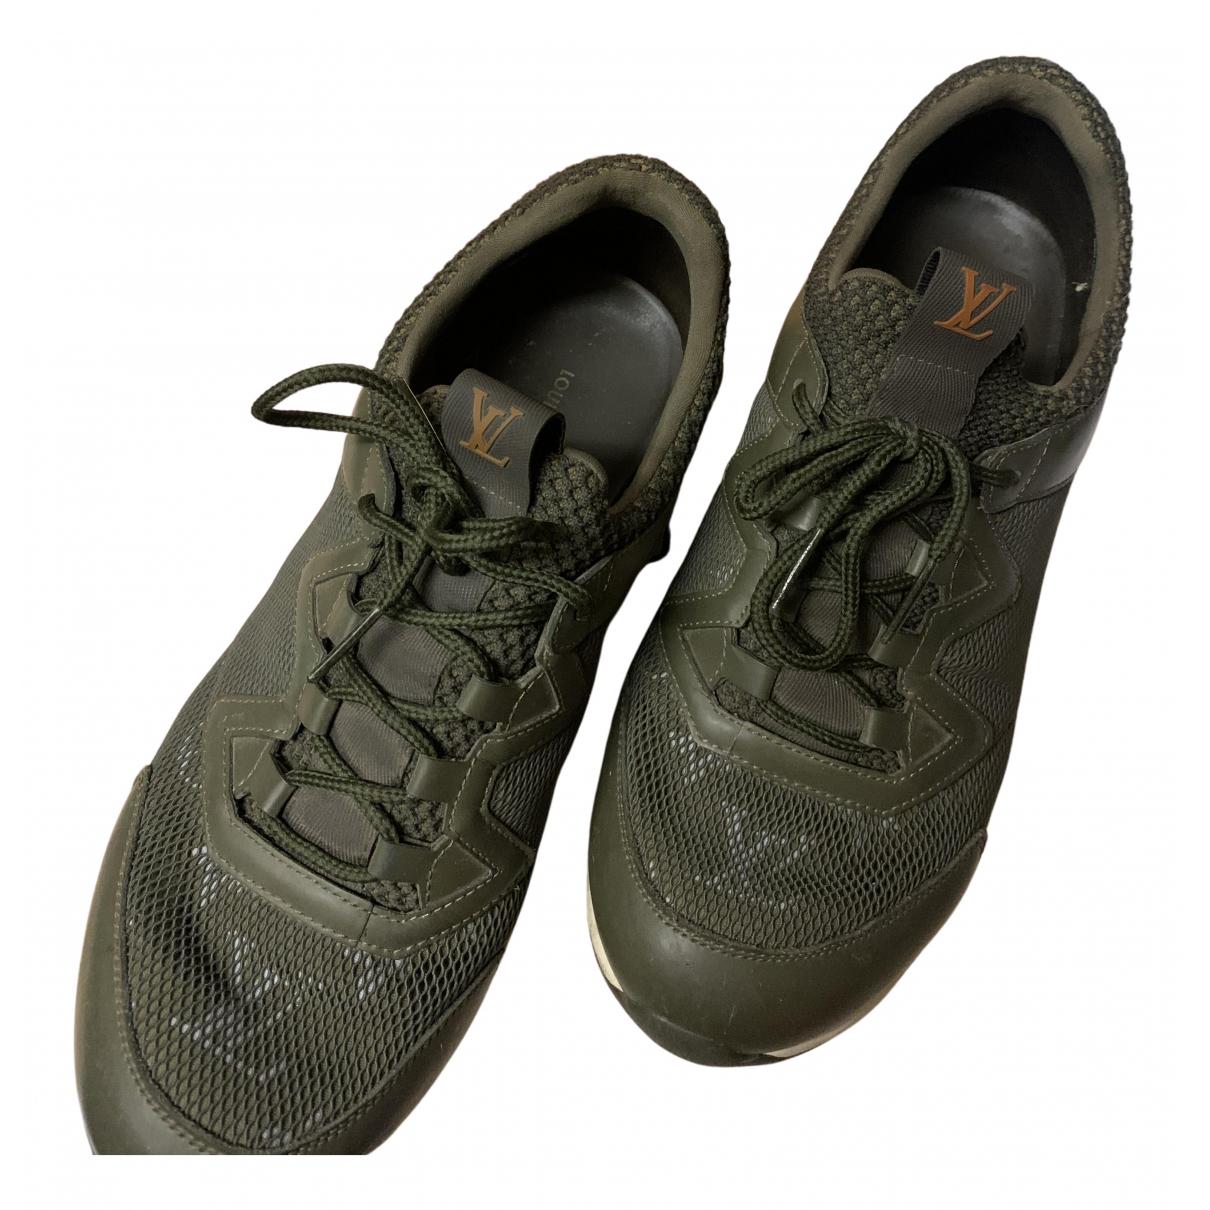 Louis Vuitton Run Away Khaki Leather Trainers for Women 40 EU